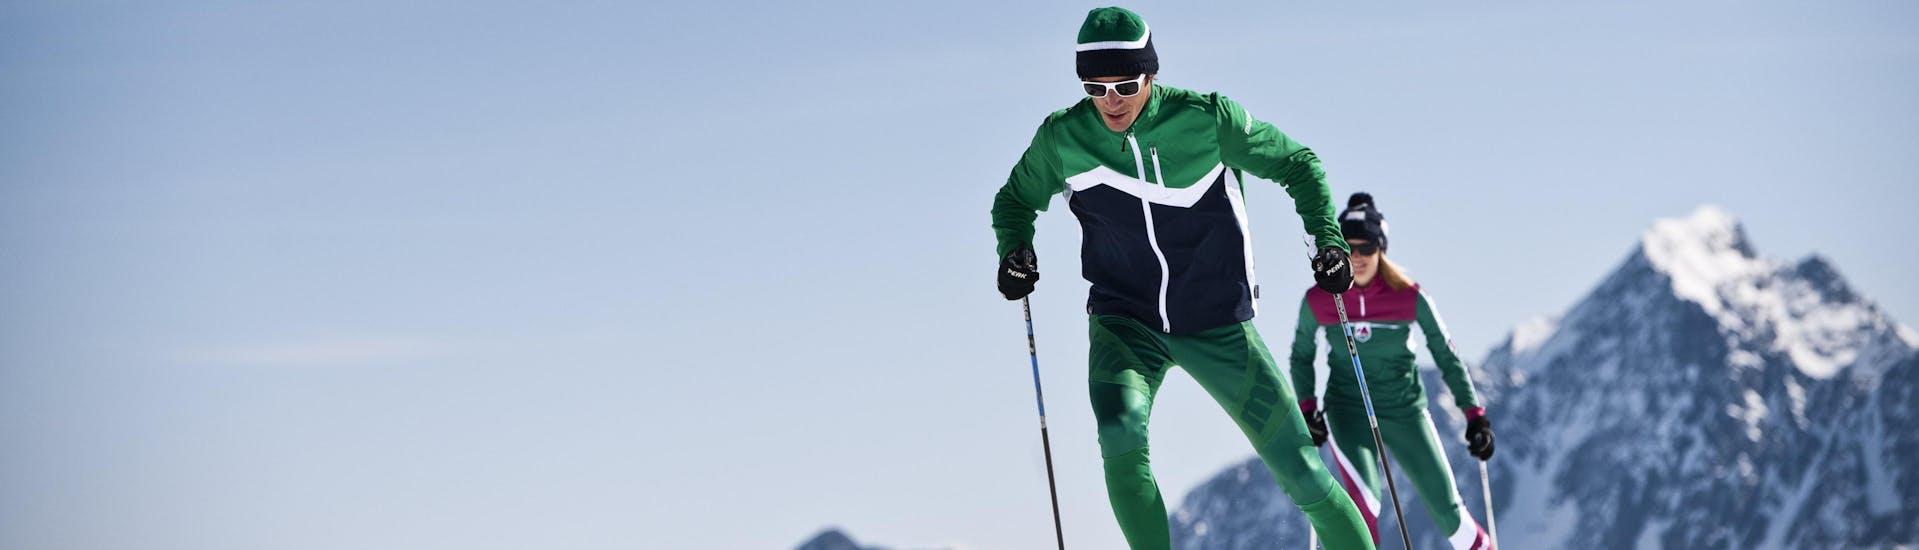 2 esquiadores participan en una de las clases de esquí de fondo en la estación de esquí Kirchberg.